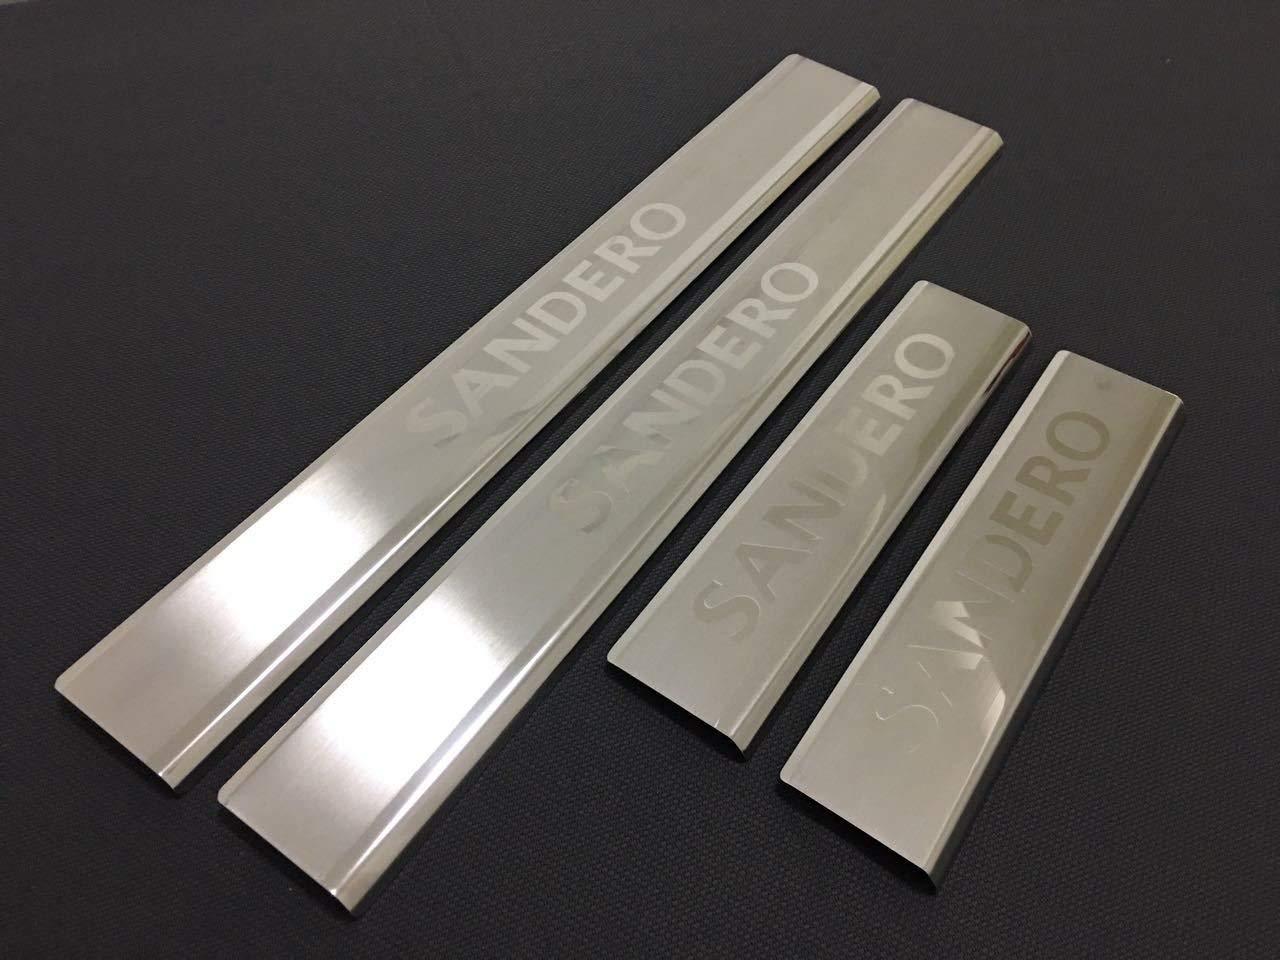 Sandero Stepway Protezione antigraffio per portiera in acciaio INOX cromato 4 porte